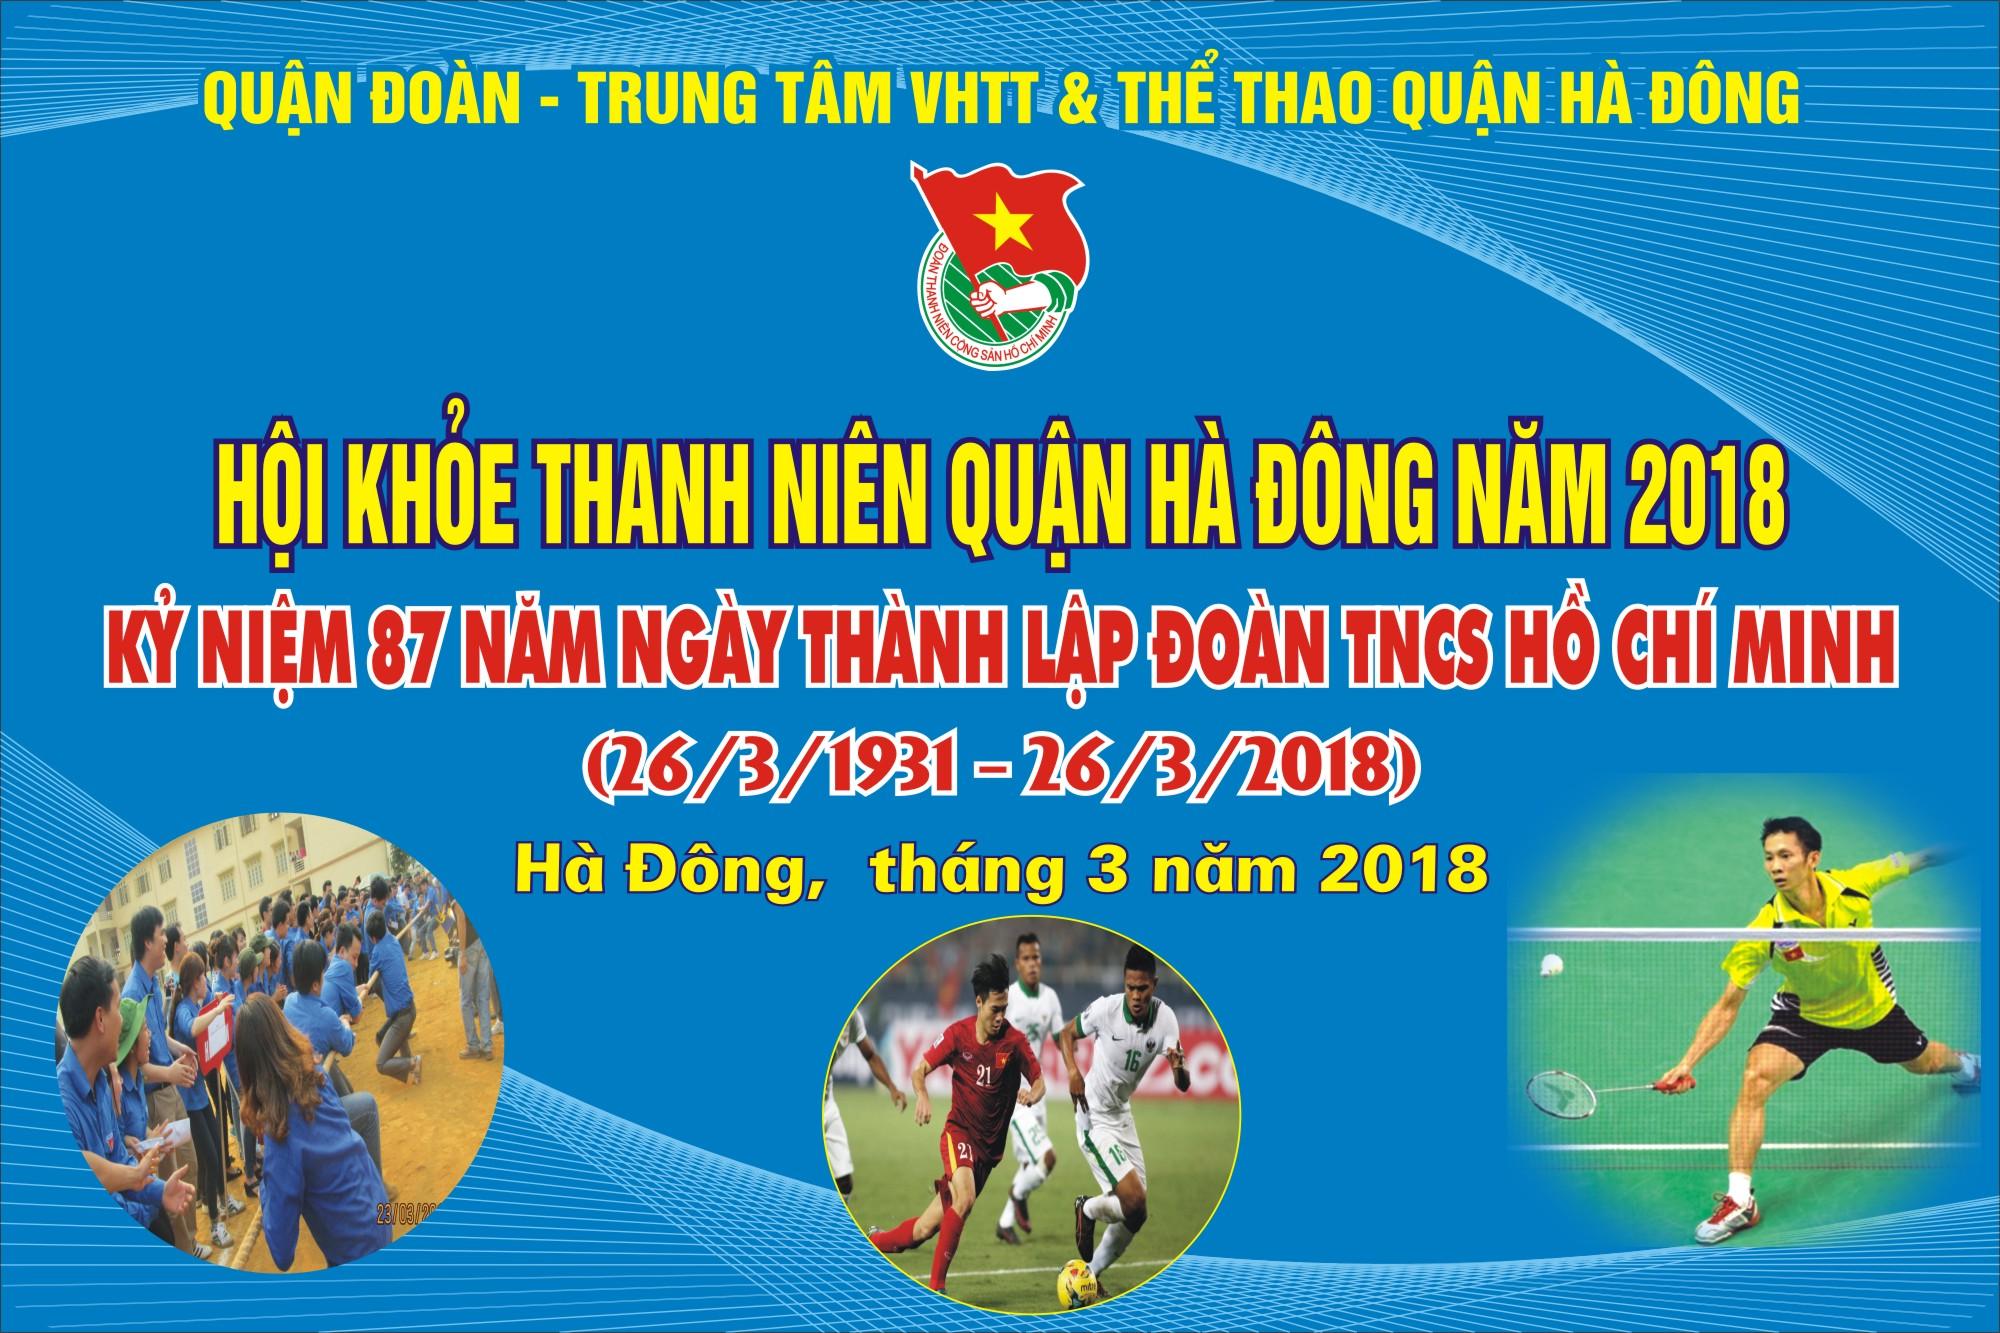 Sự kiện tháng 03: Hội khỏe thanh niên Hà Đông năm 2018